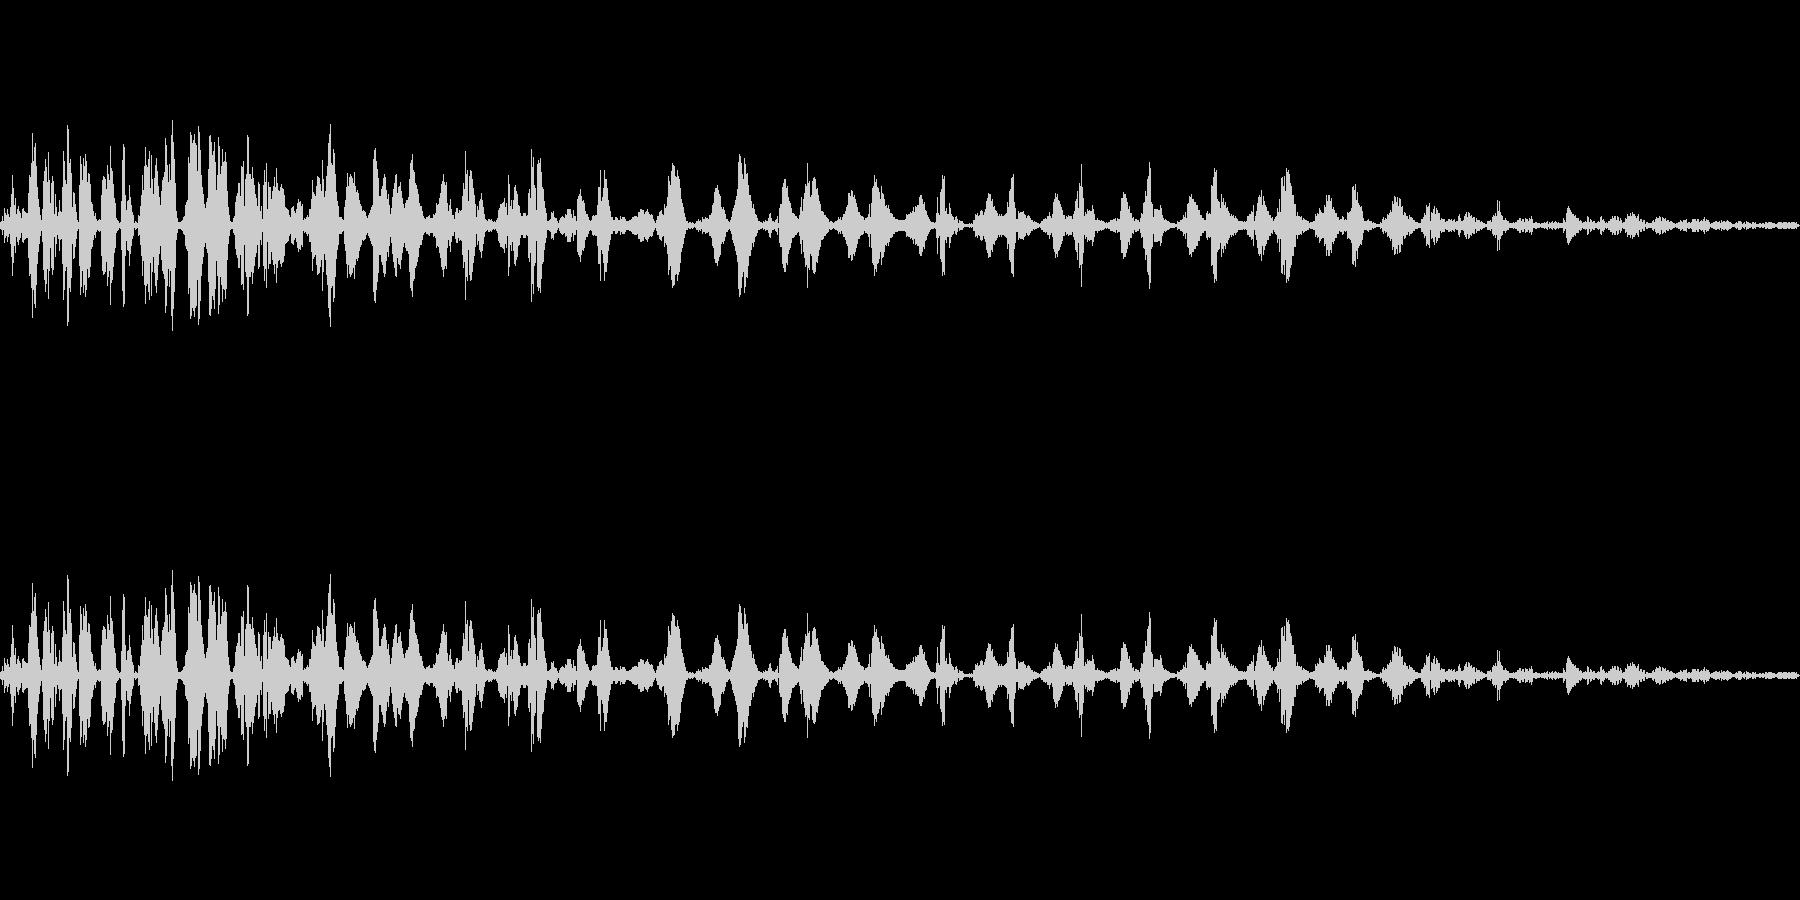 マイナス効果の魔法の効果音イメージ2の未再生の波形